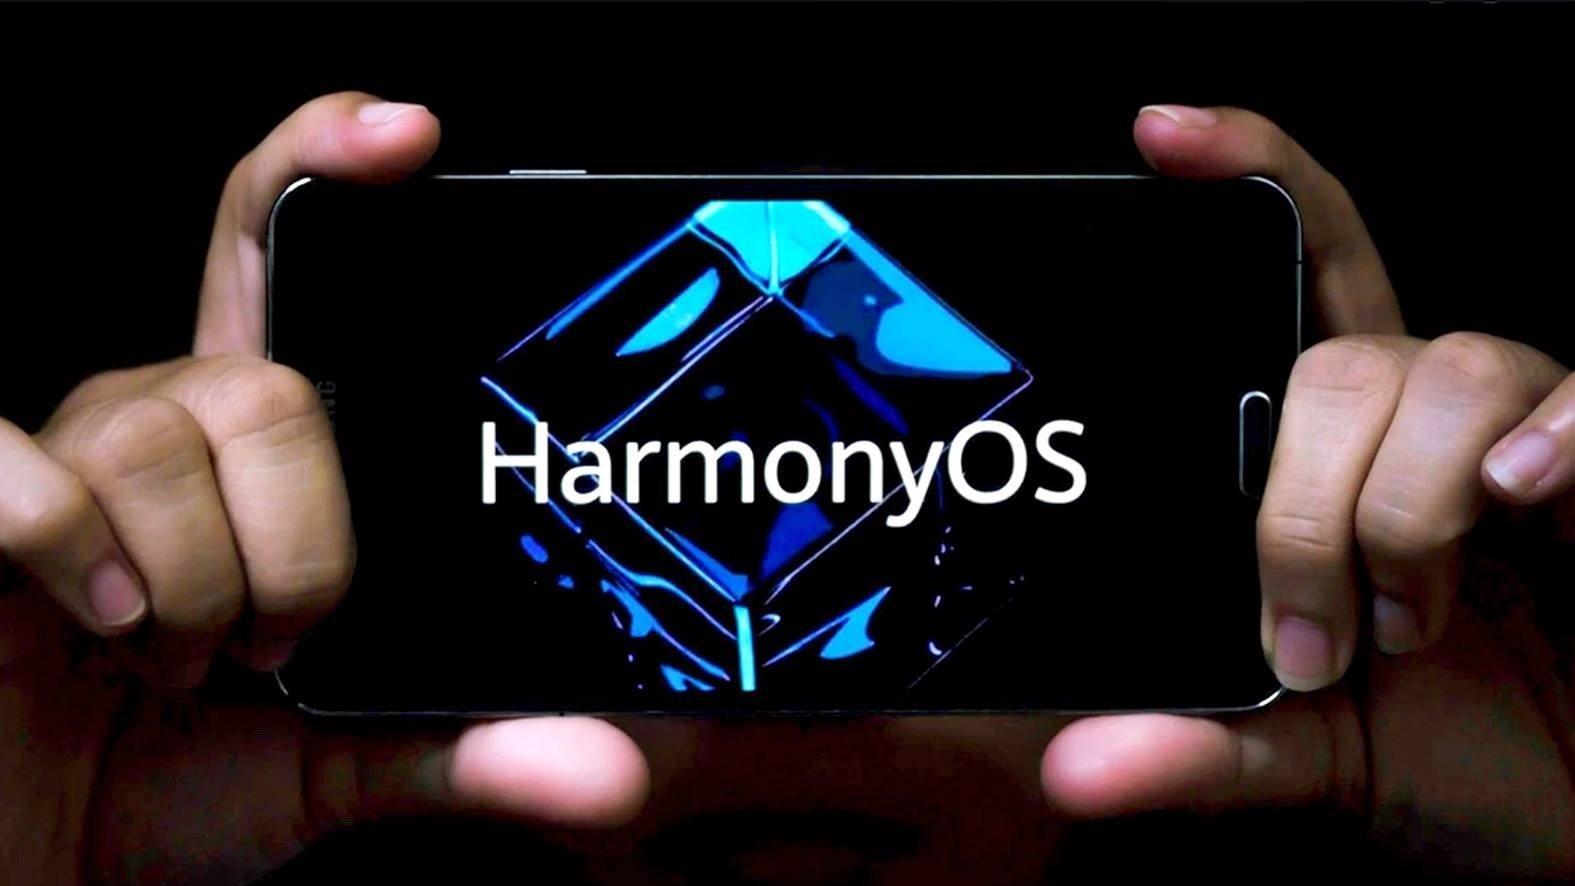 نگاهی عمیق به سیستم عامل HarmonyOS هواوی؛ پلتفرمی جدید یا همان اندروید؟